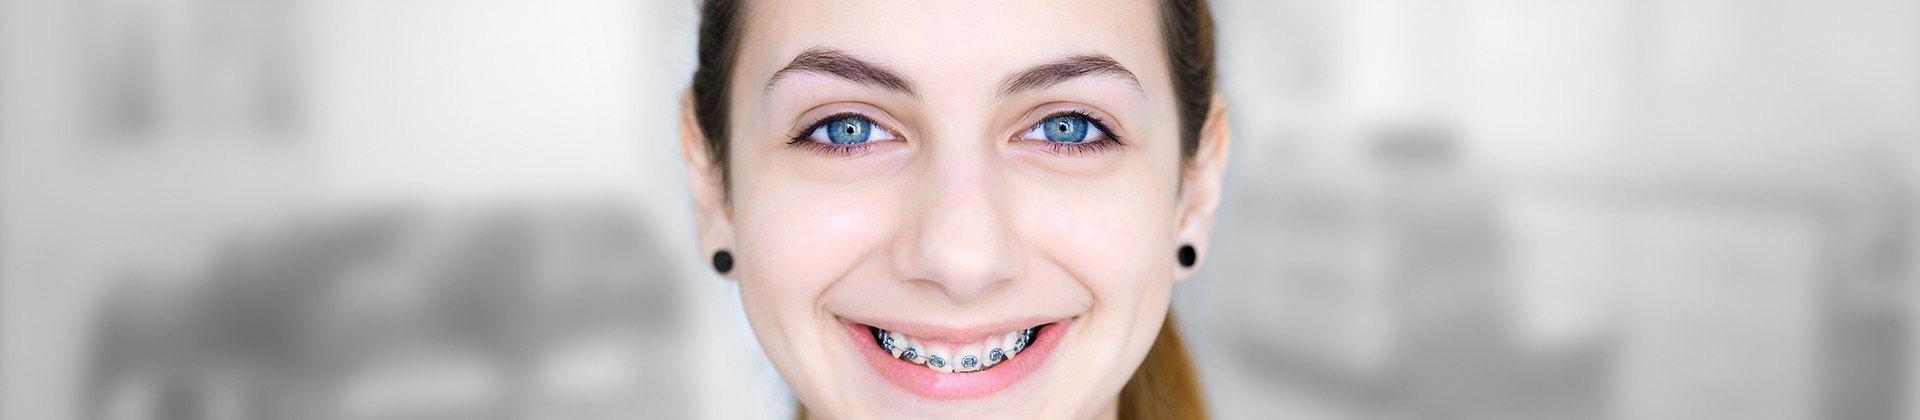 Ortodontia, muito além da estética. - + saúde + bem estar